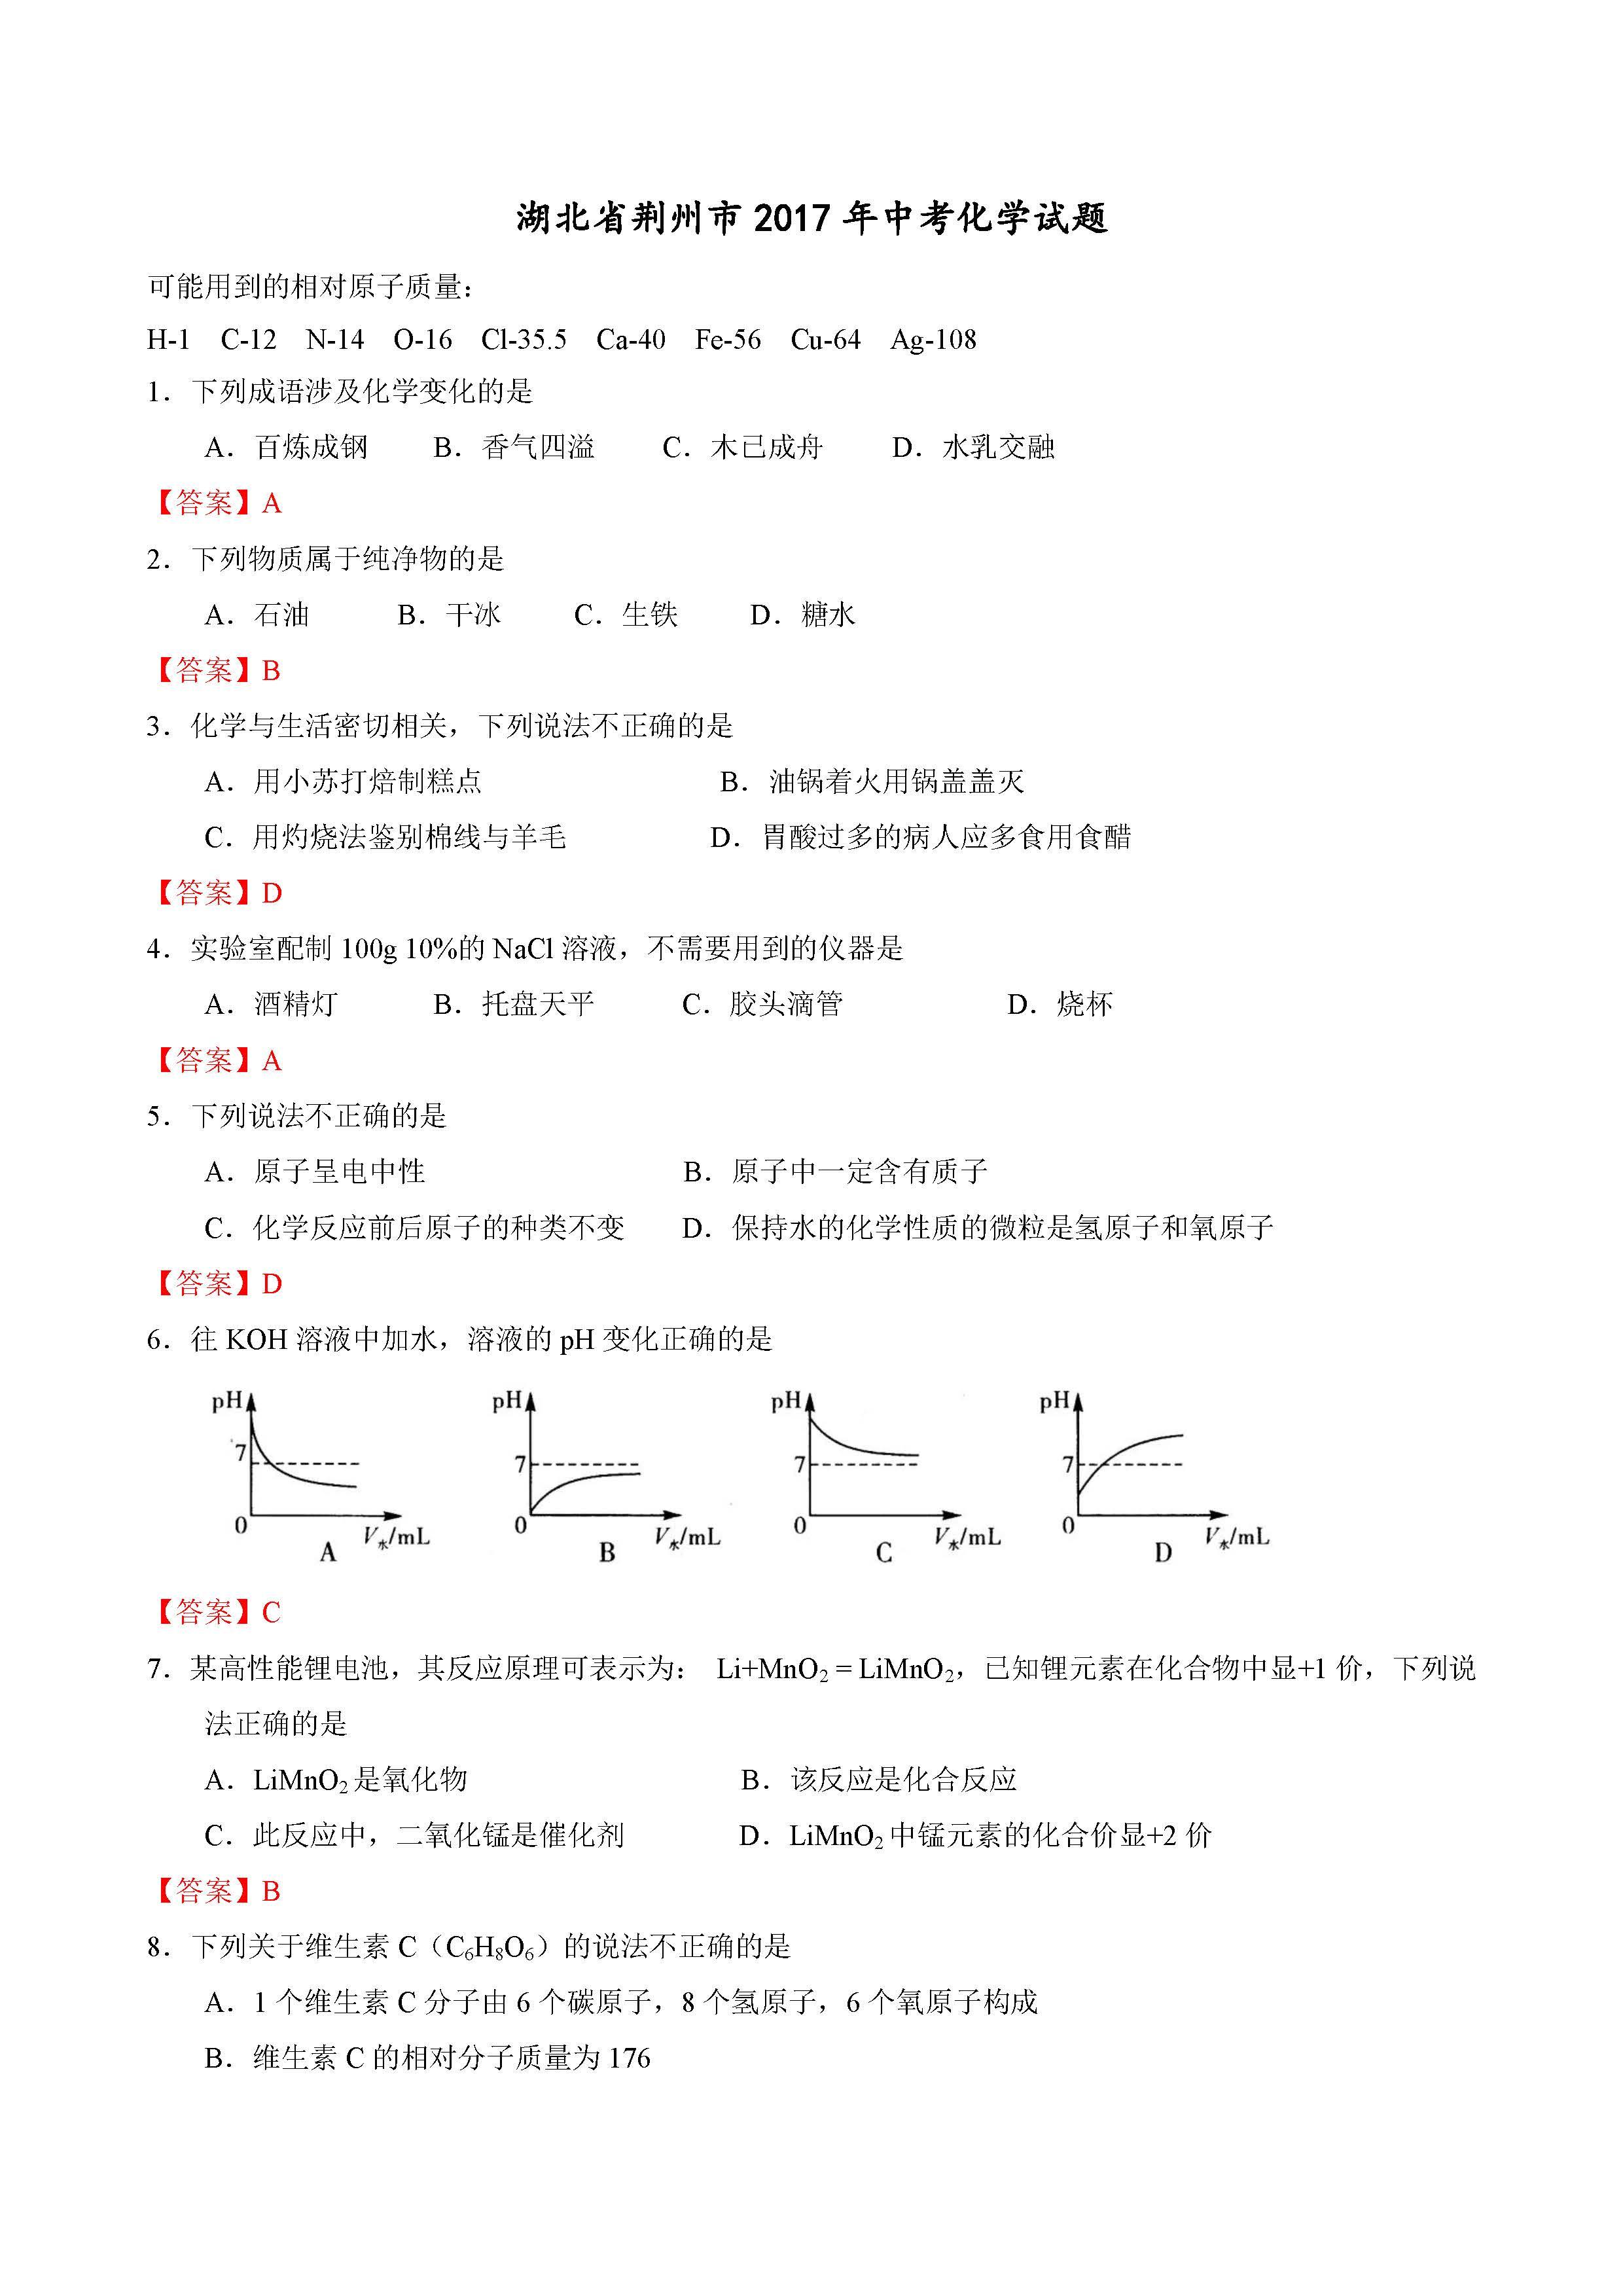 2017荆州中考化学试题及答案解析(图片版含答案)